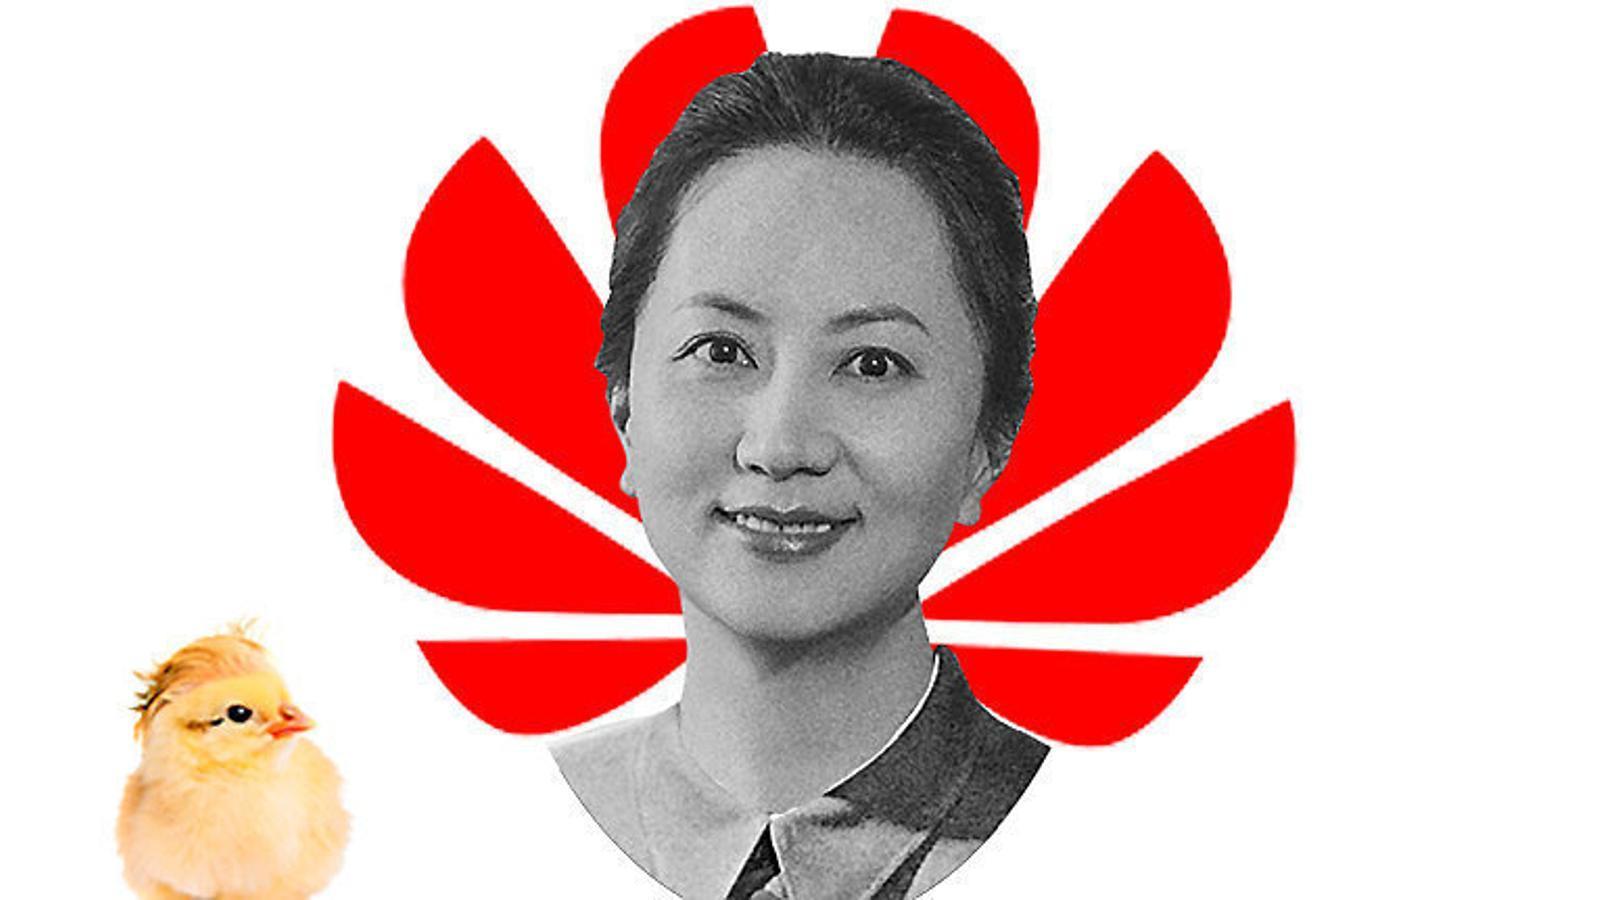 Què té Huawei que fa tanta por a Donald Trump?